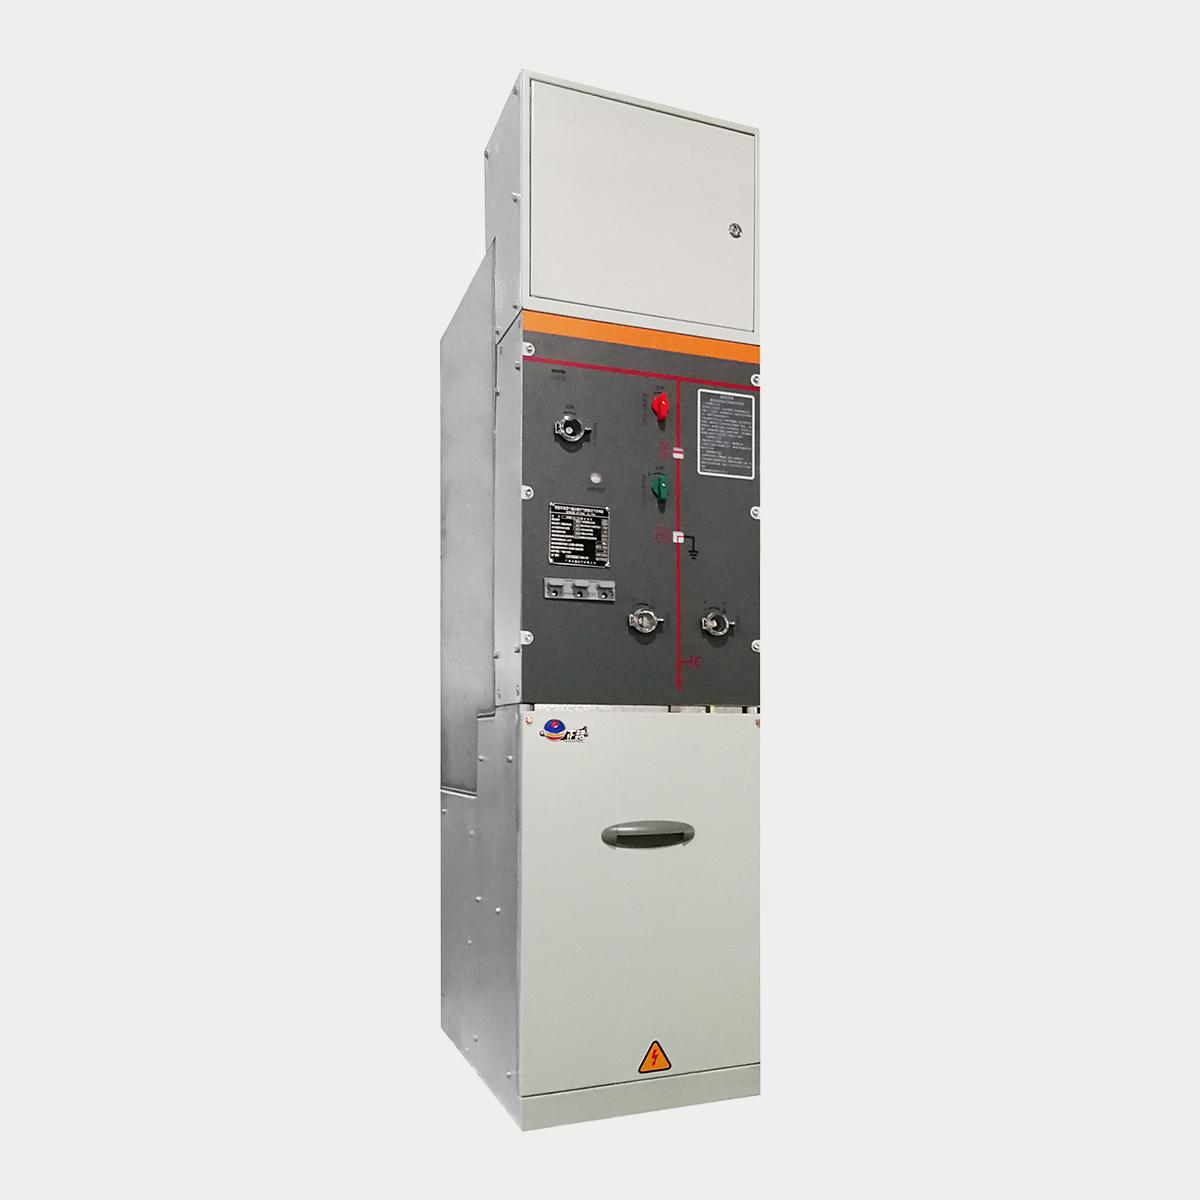 ZCKQG-12 环保型干燥压缩空气绝缘充气环网柜(10kV干燥空气绝缘环网柜)